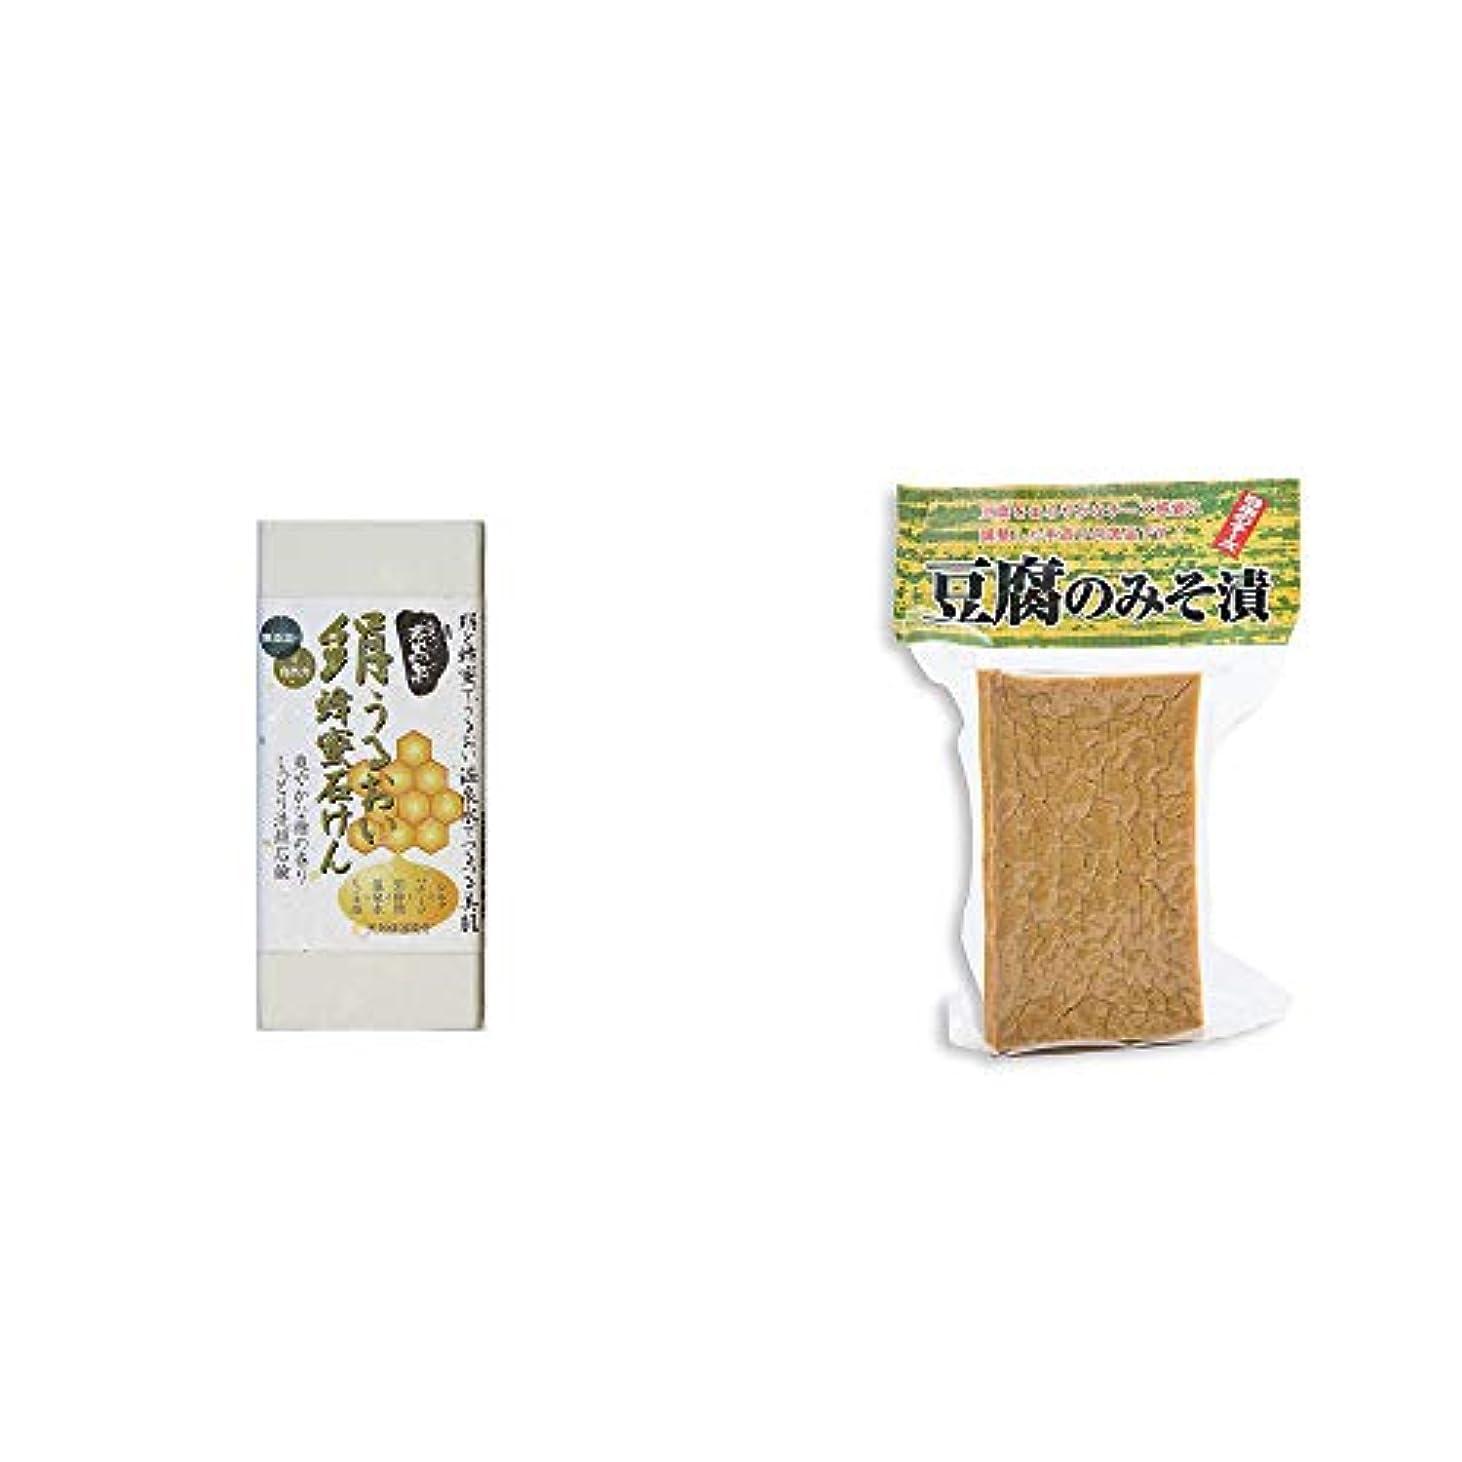 深くレンズ同意する[2点セット] ひのき炭黒泉 絹うるおい蜂蜜石けん(75g×2)?日本のチーズ 豆腐のみそ漬(1個入)